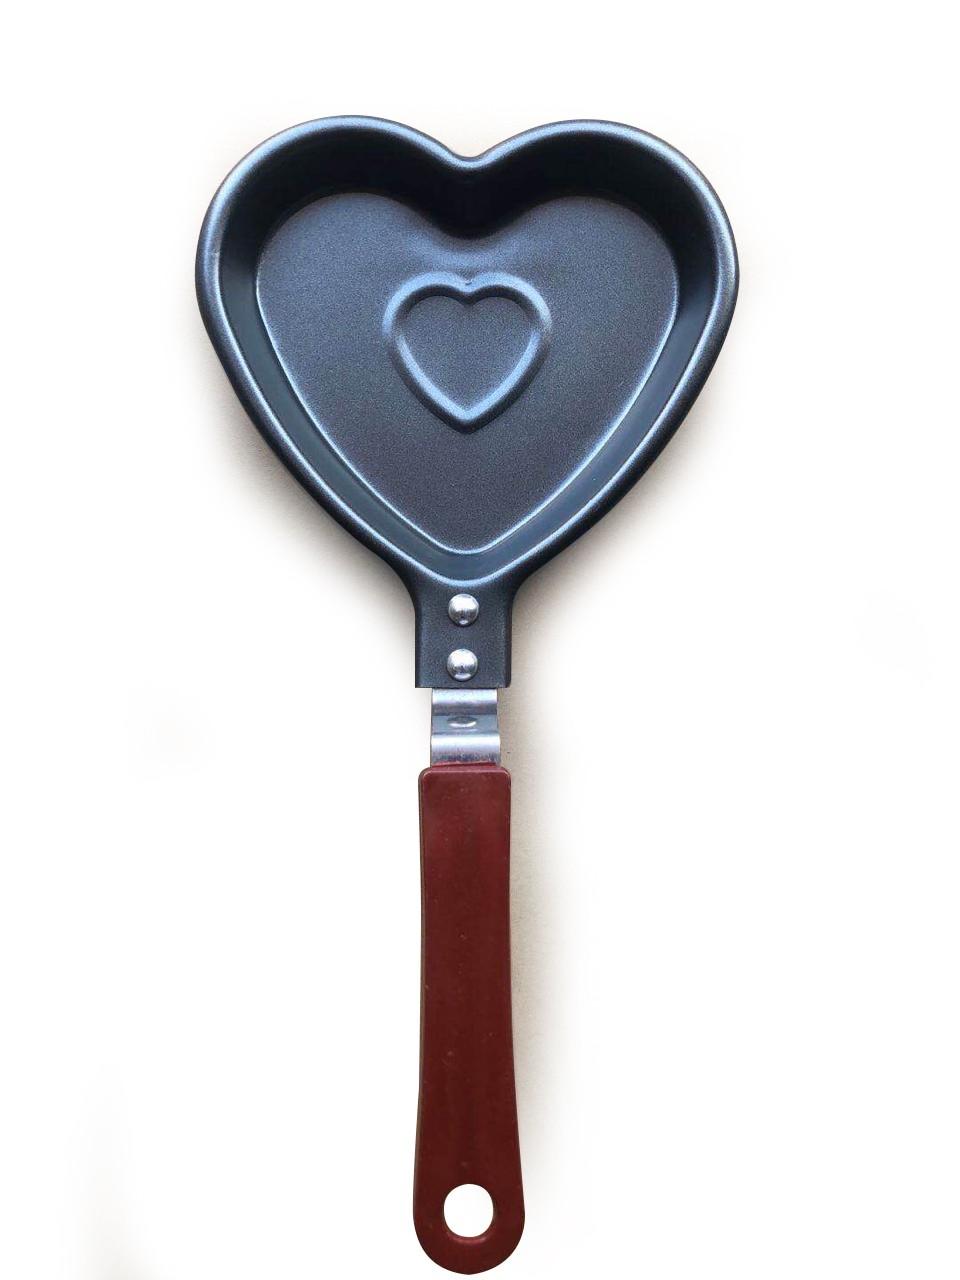 Frigideira formato coração - Cód OC404